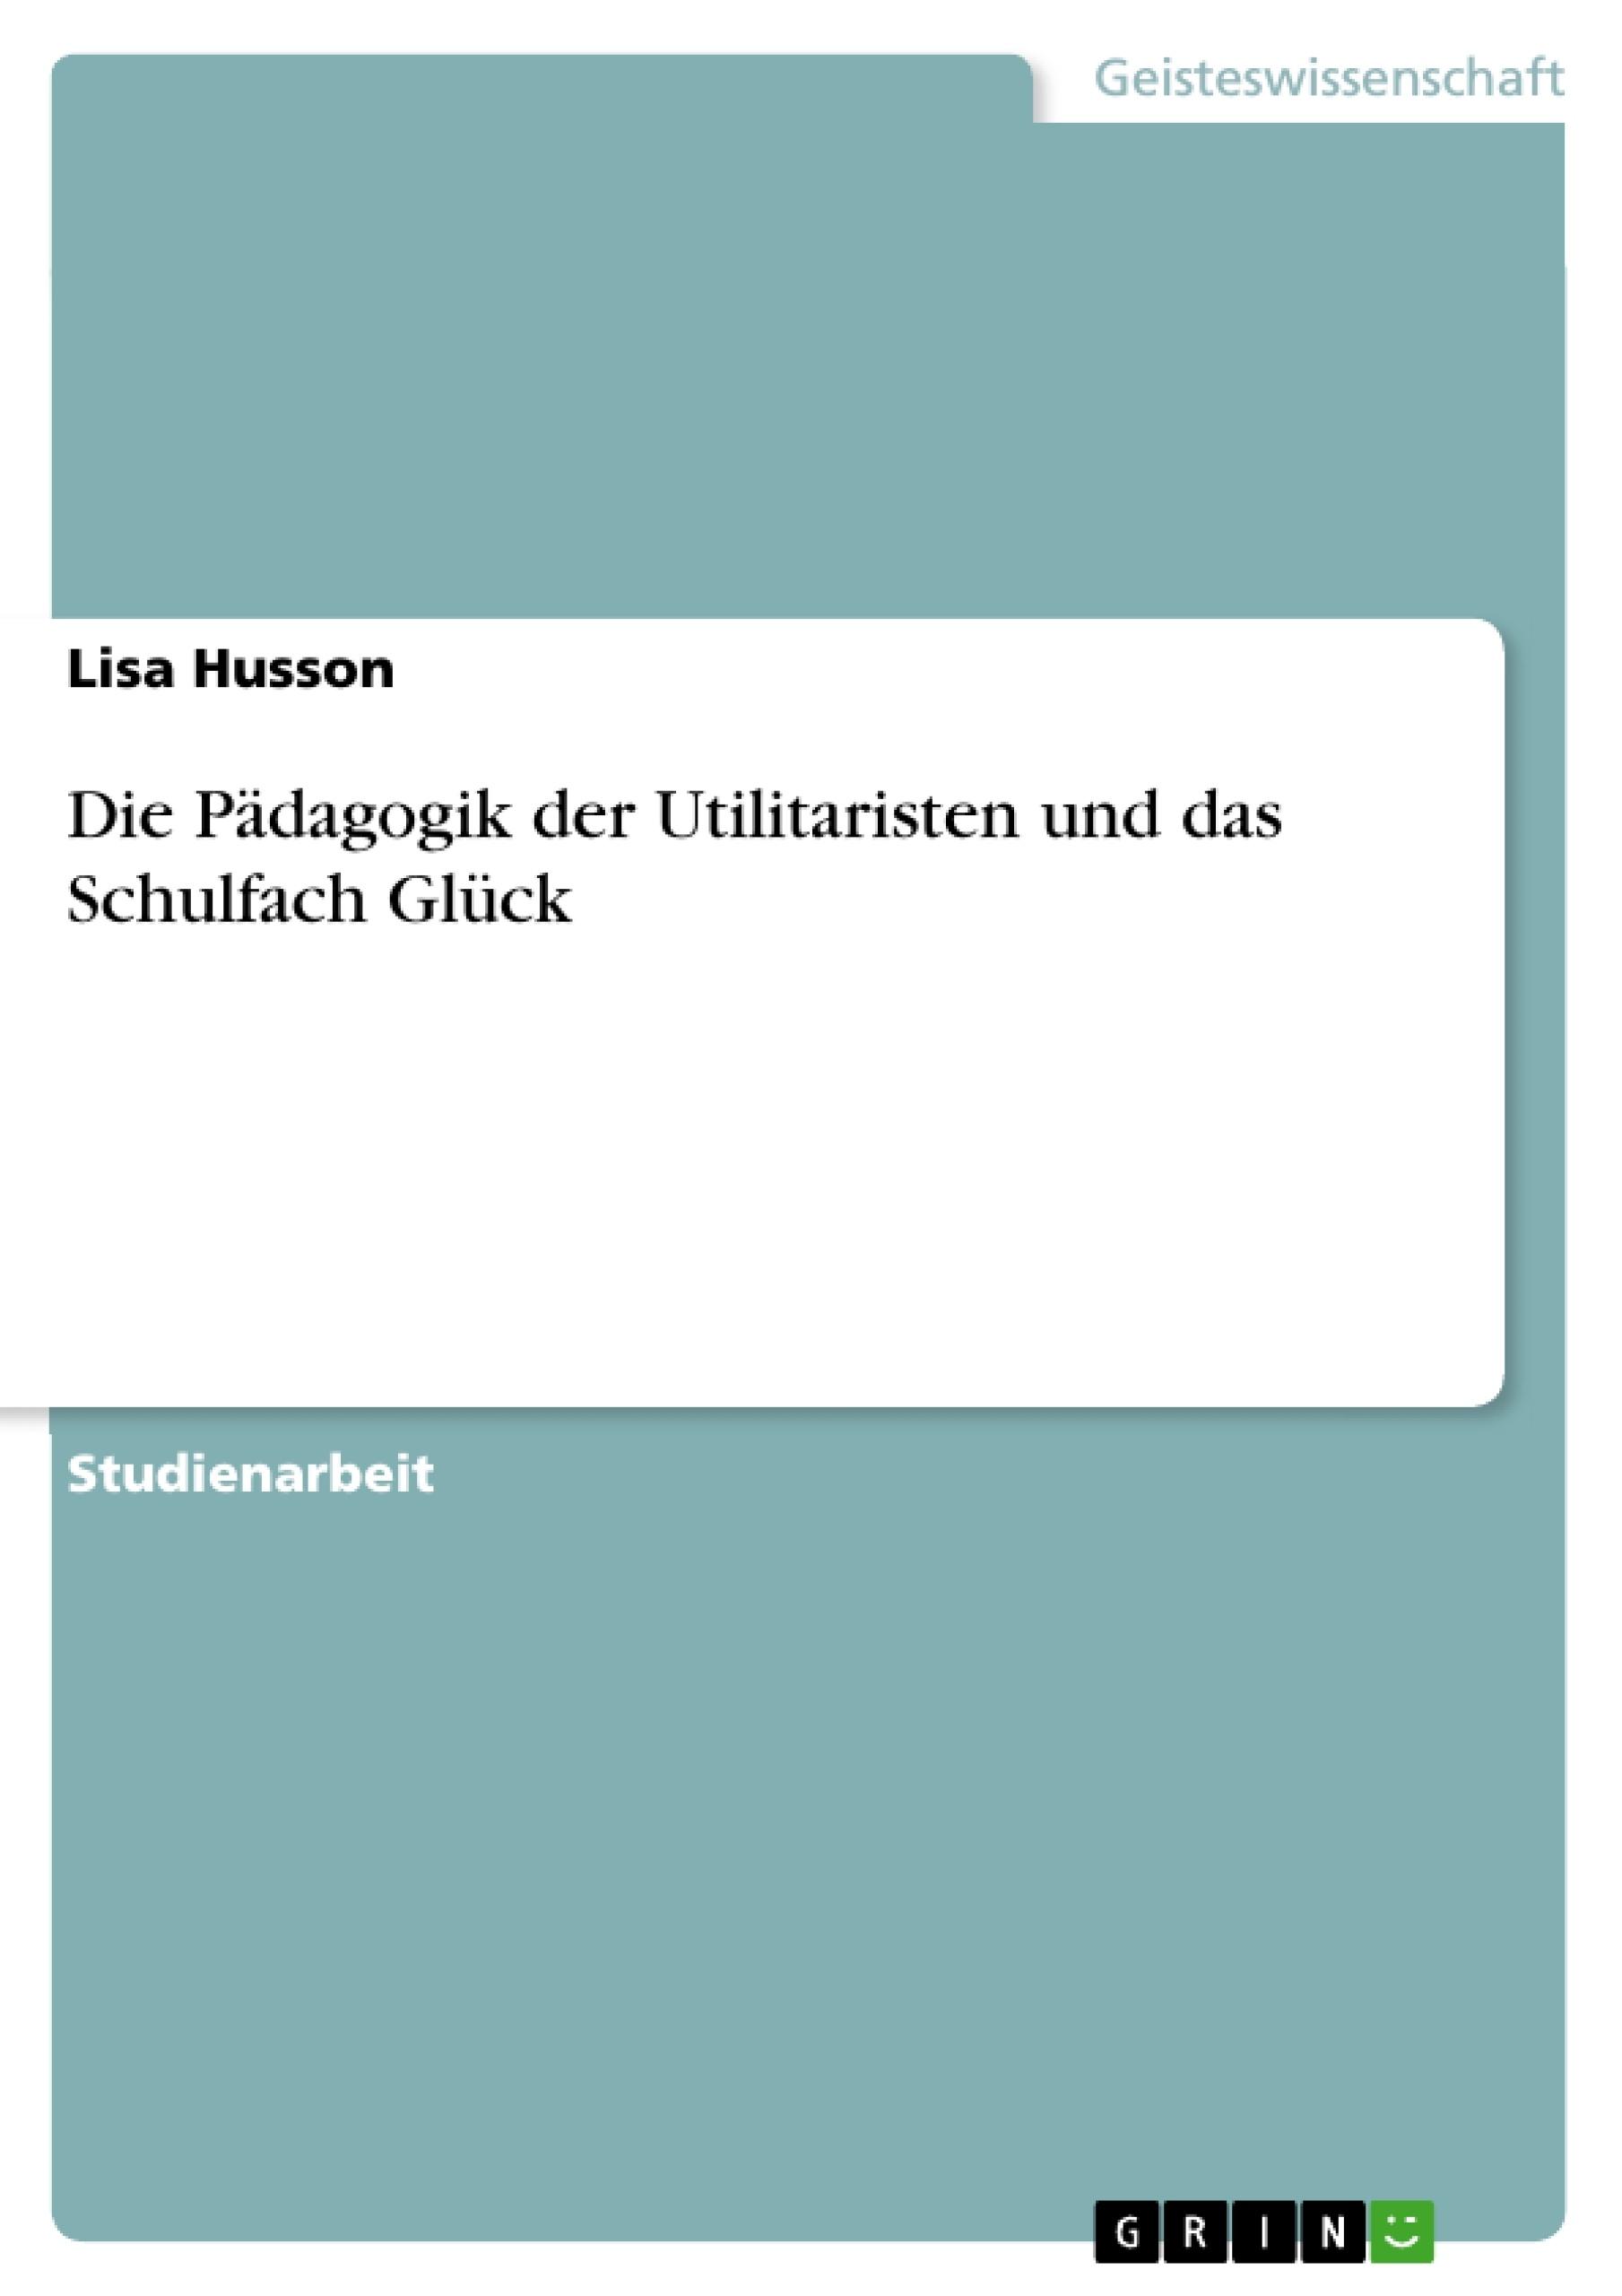 Titel: Die Pädagogik der Utilitaristen und das Schulfach Glück